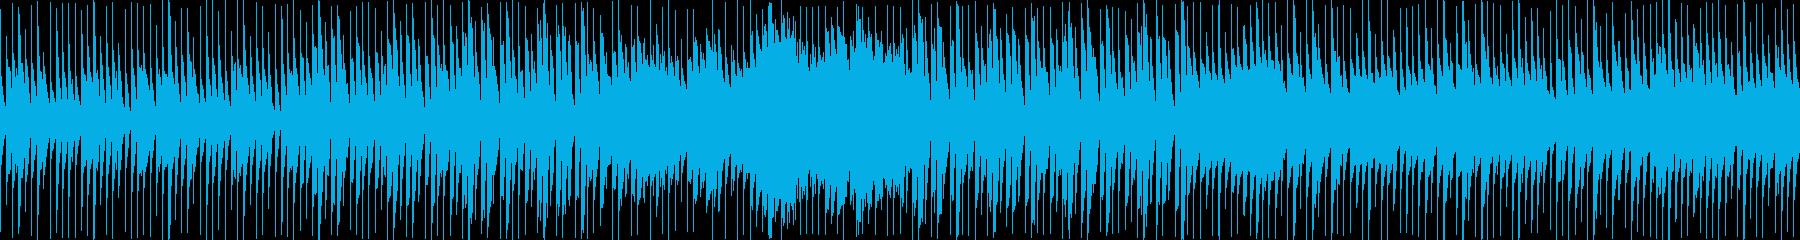 8bit:ホラー:洞窟:ゲーム【ループ】の再生済みの波形